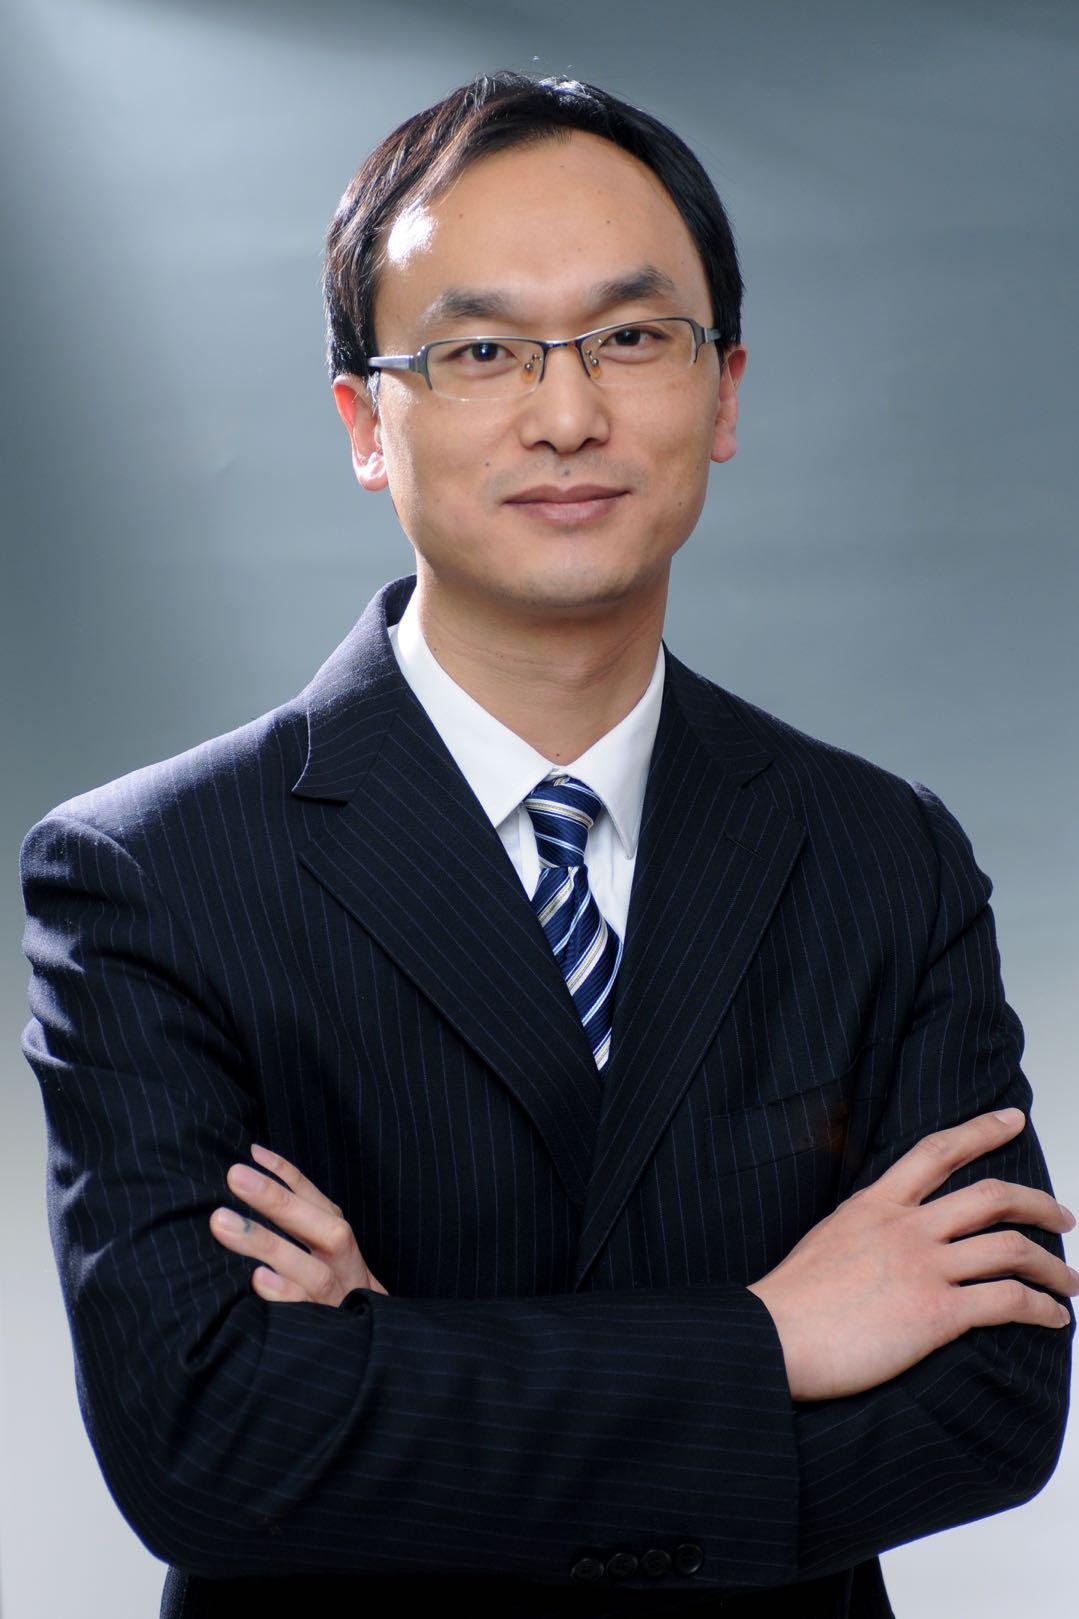 浙江大学医学院附属第二医院肿瘤外科医学博士,主任医师李军照片